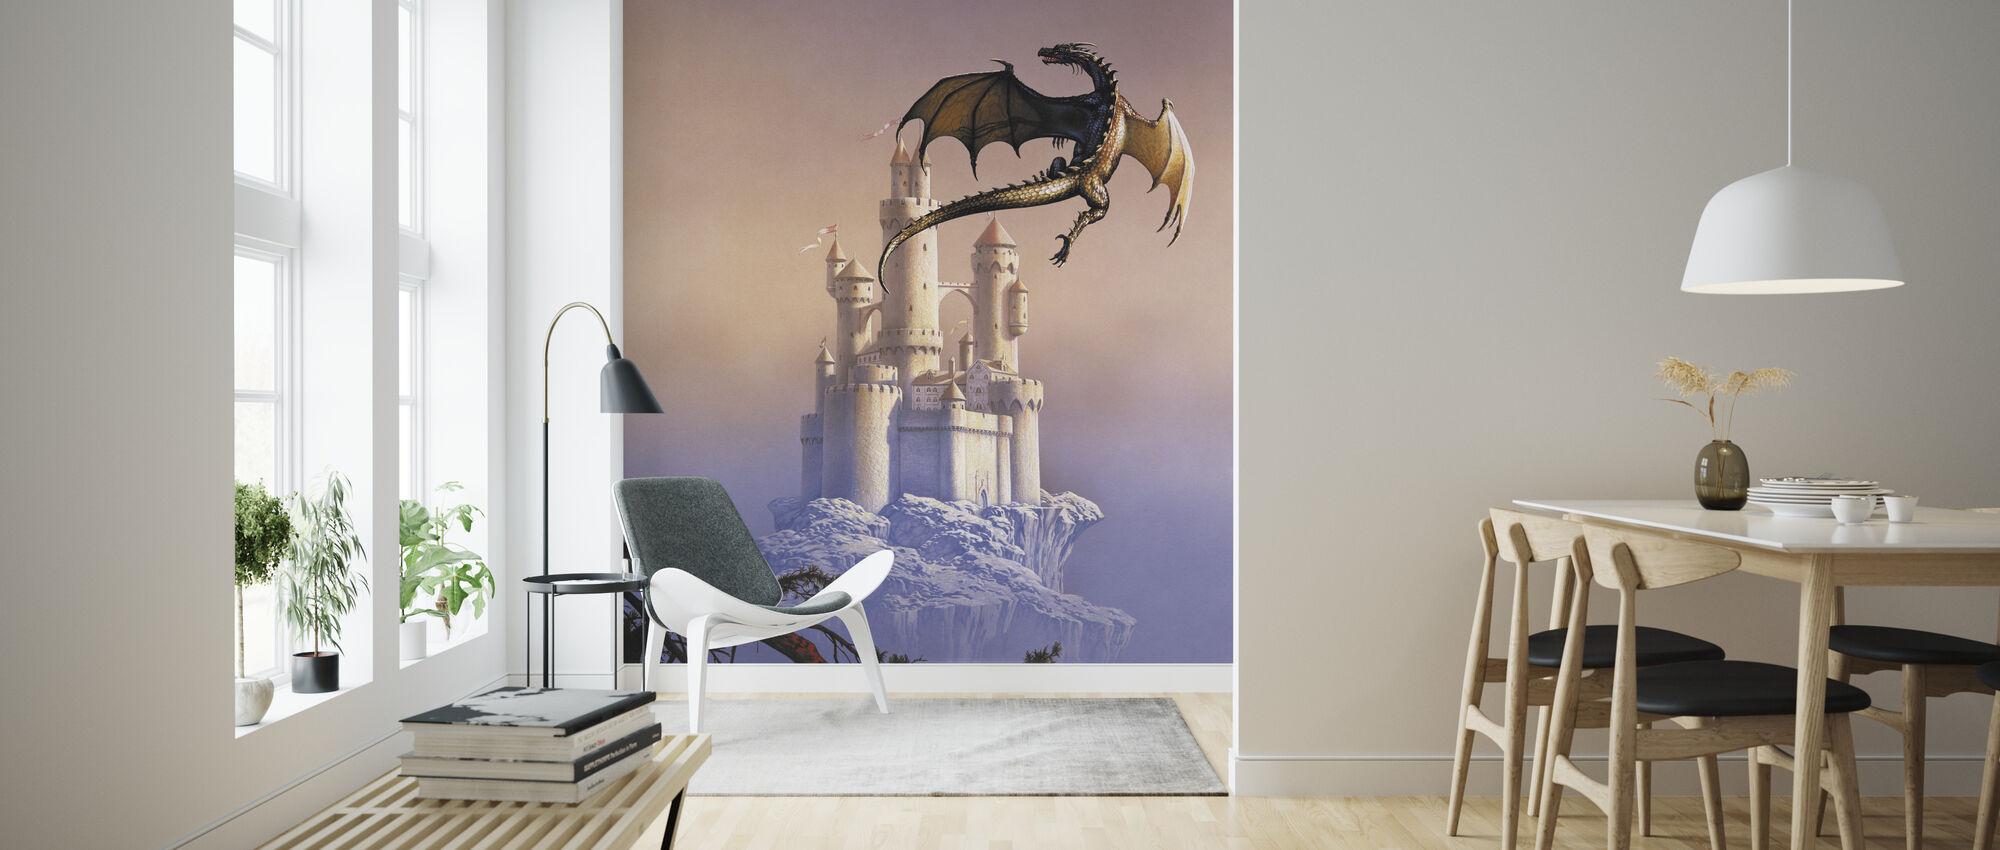 Flying Dragon Popular Wall Mural Photowall